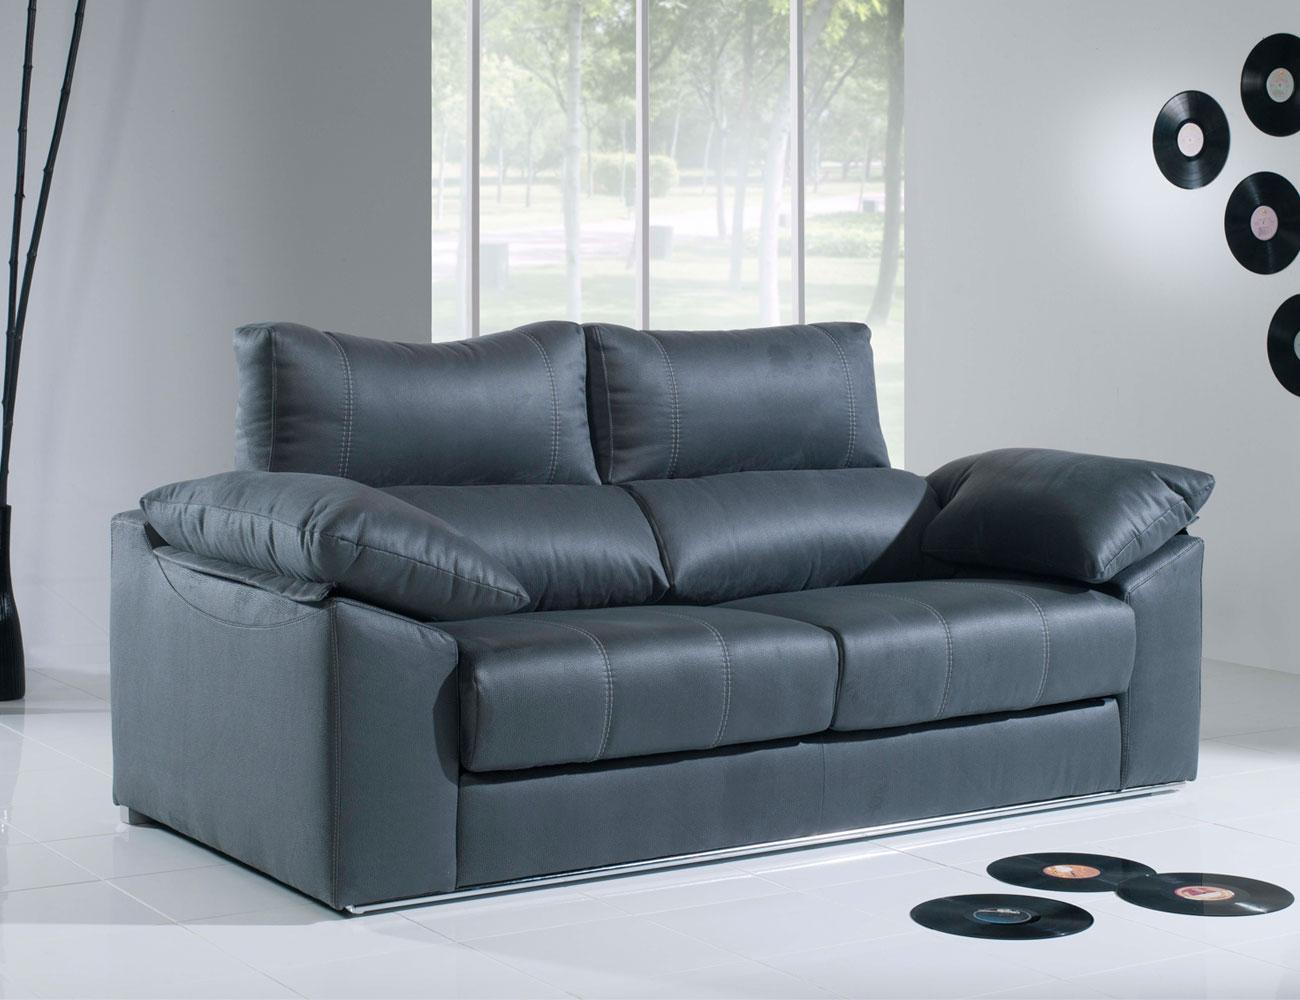 Sofa 3 plazas moderno con barra23